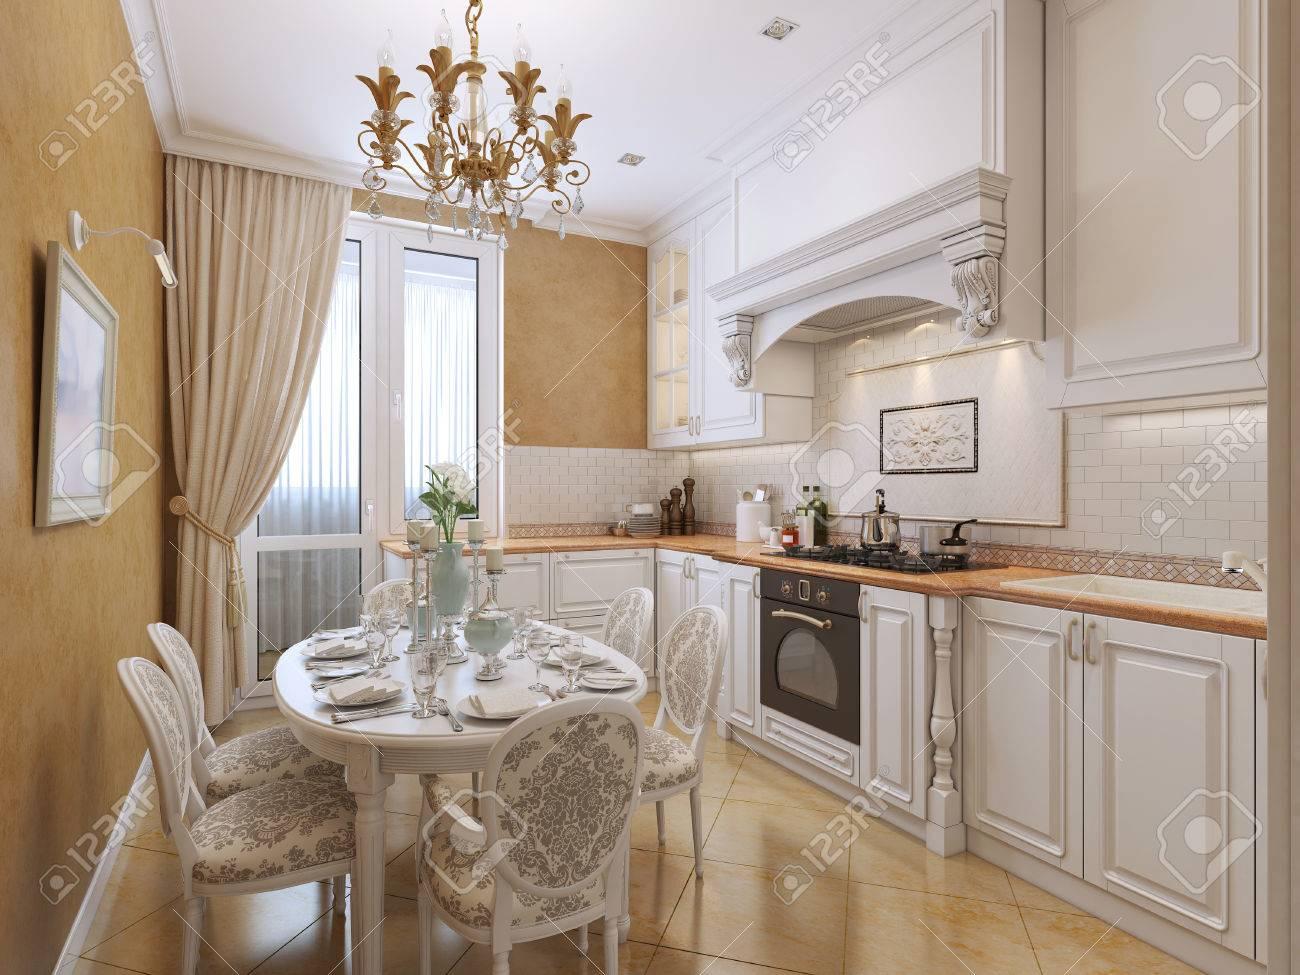 Küche Im Klassischen Stil Mit Einem Esstisch. Die Weißen Und ...